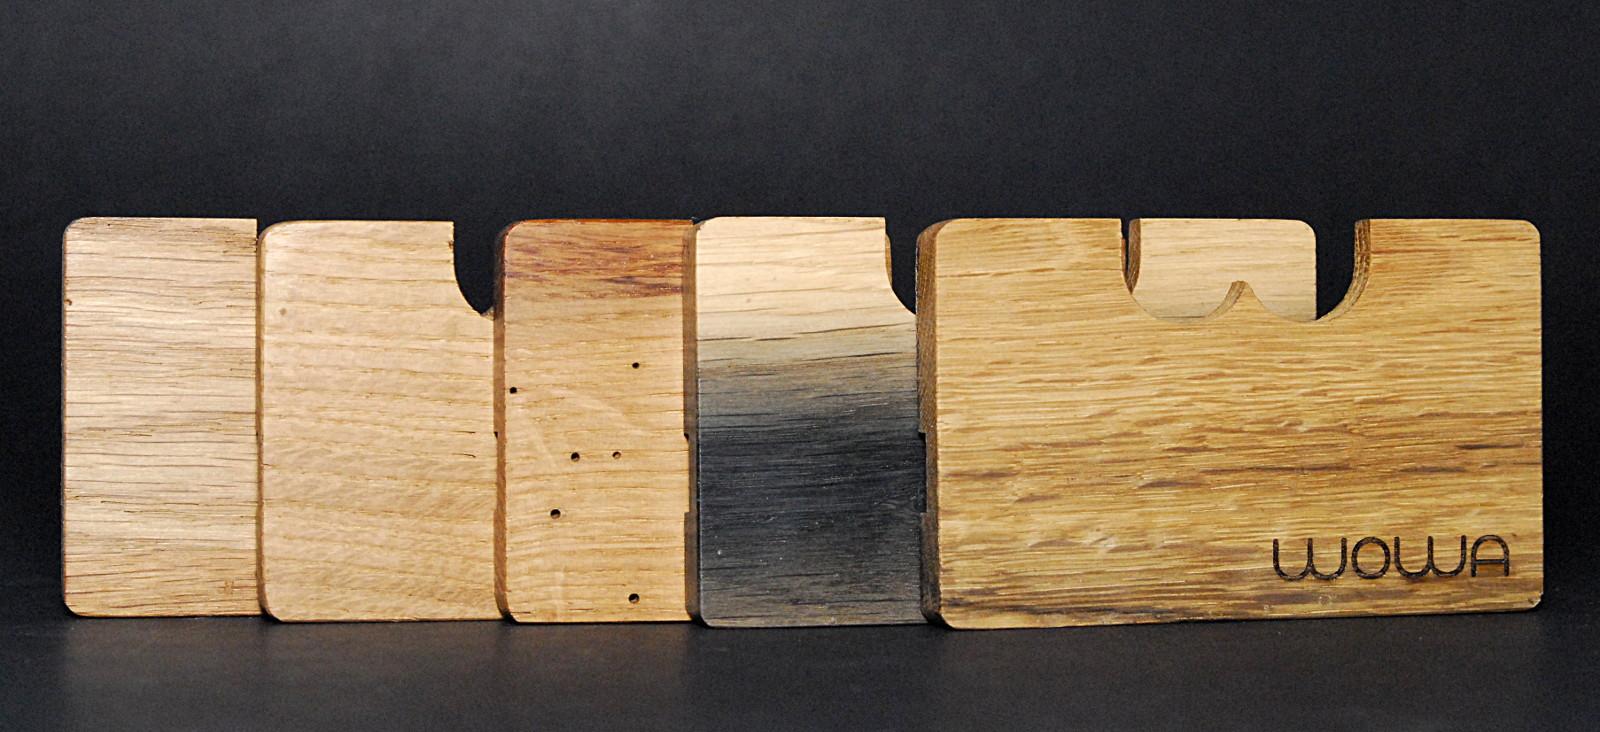 WOWA Allier Oak, product photo 2